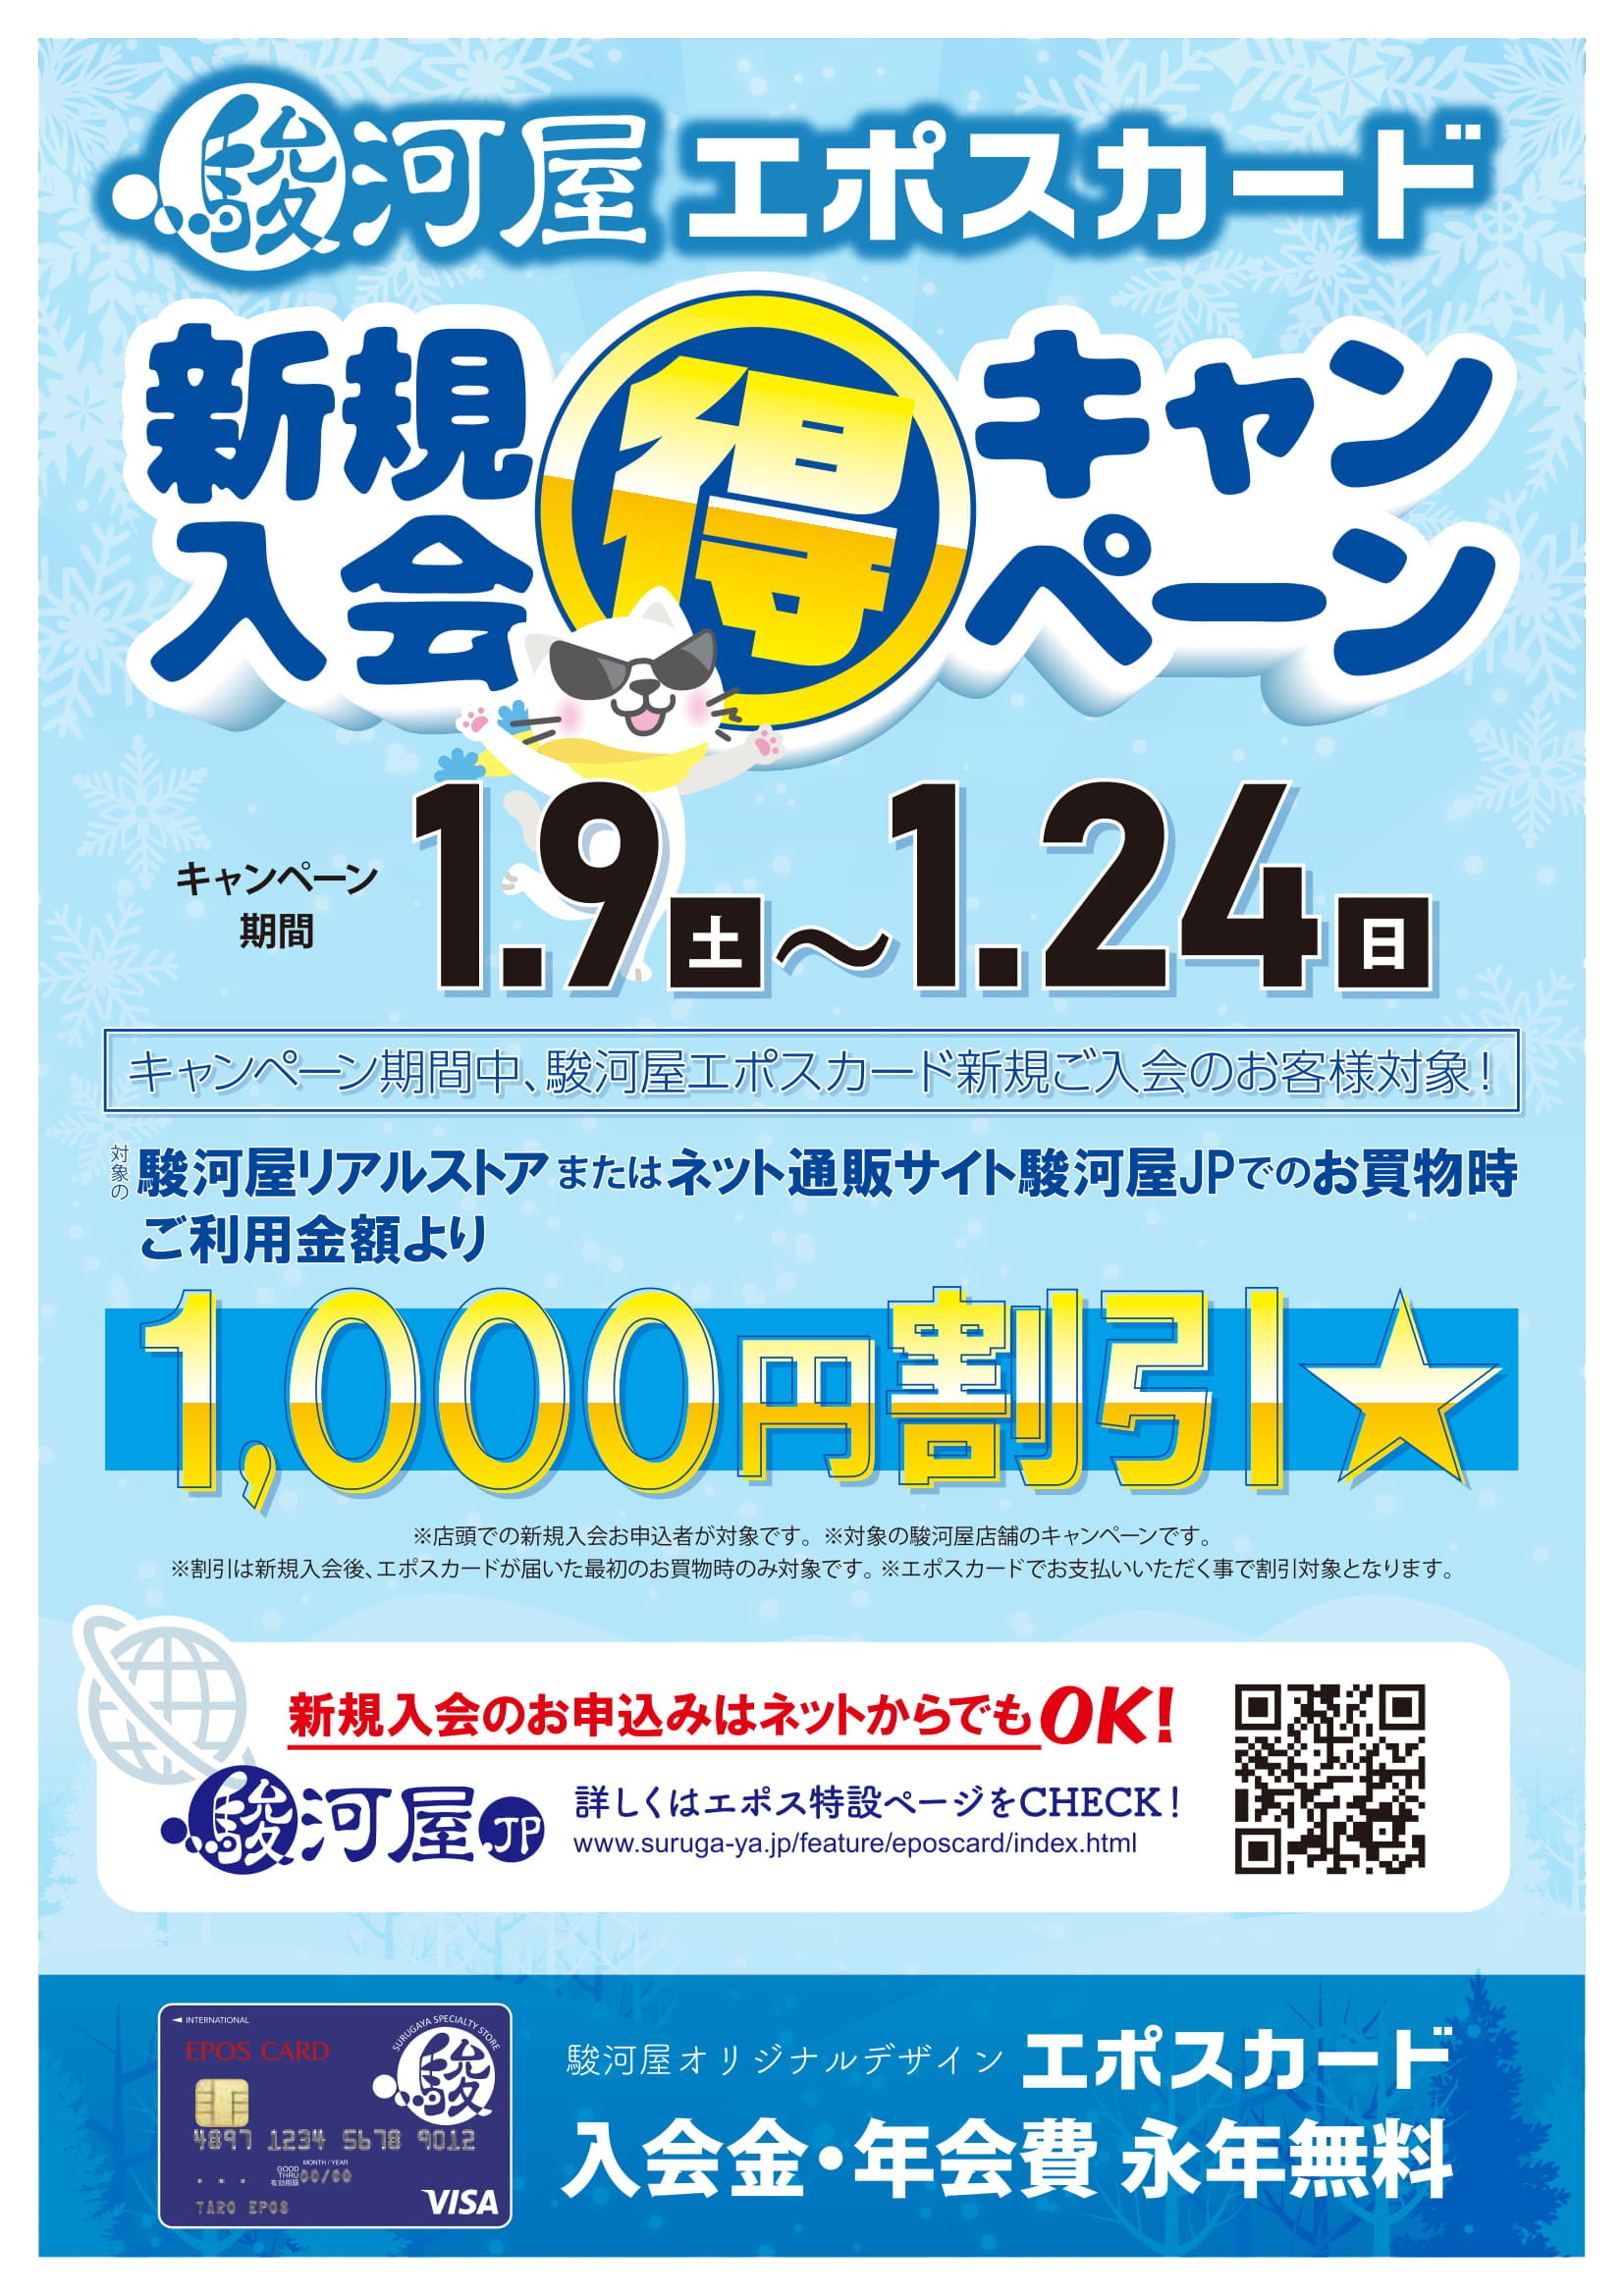 エポスカード入会キャンペーン